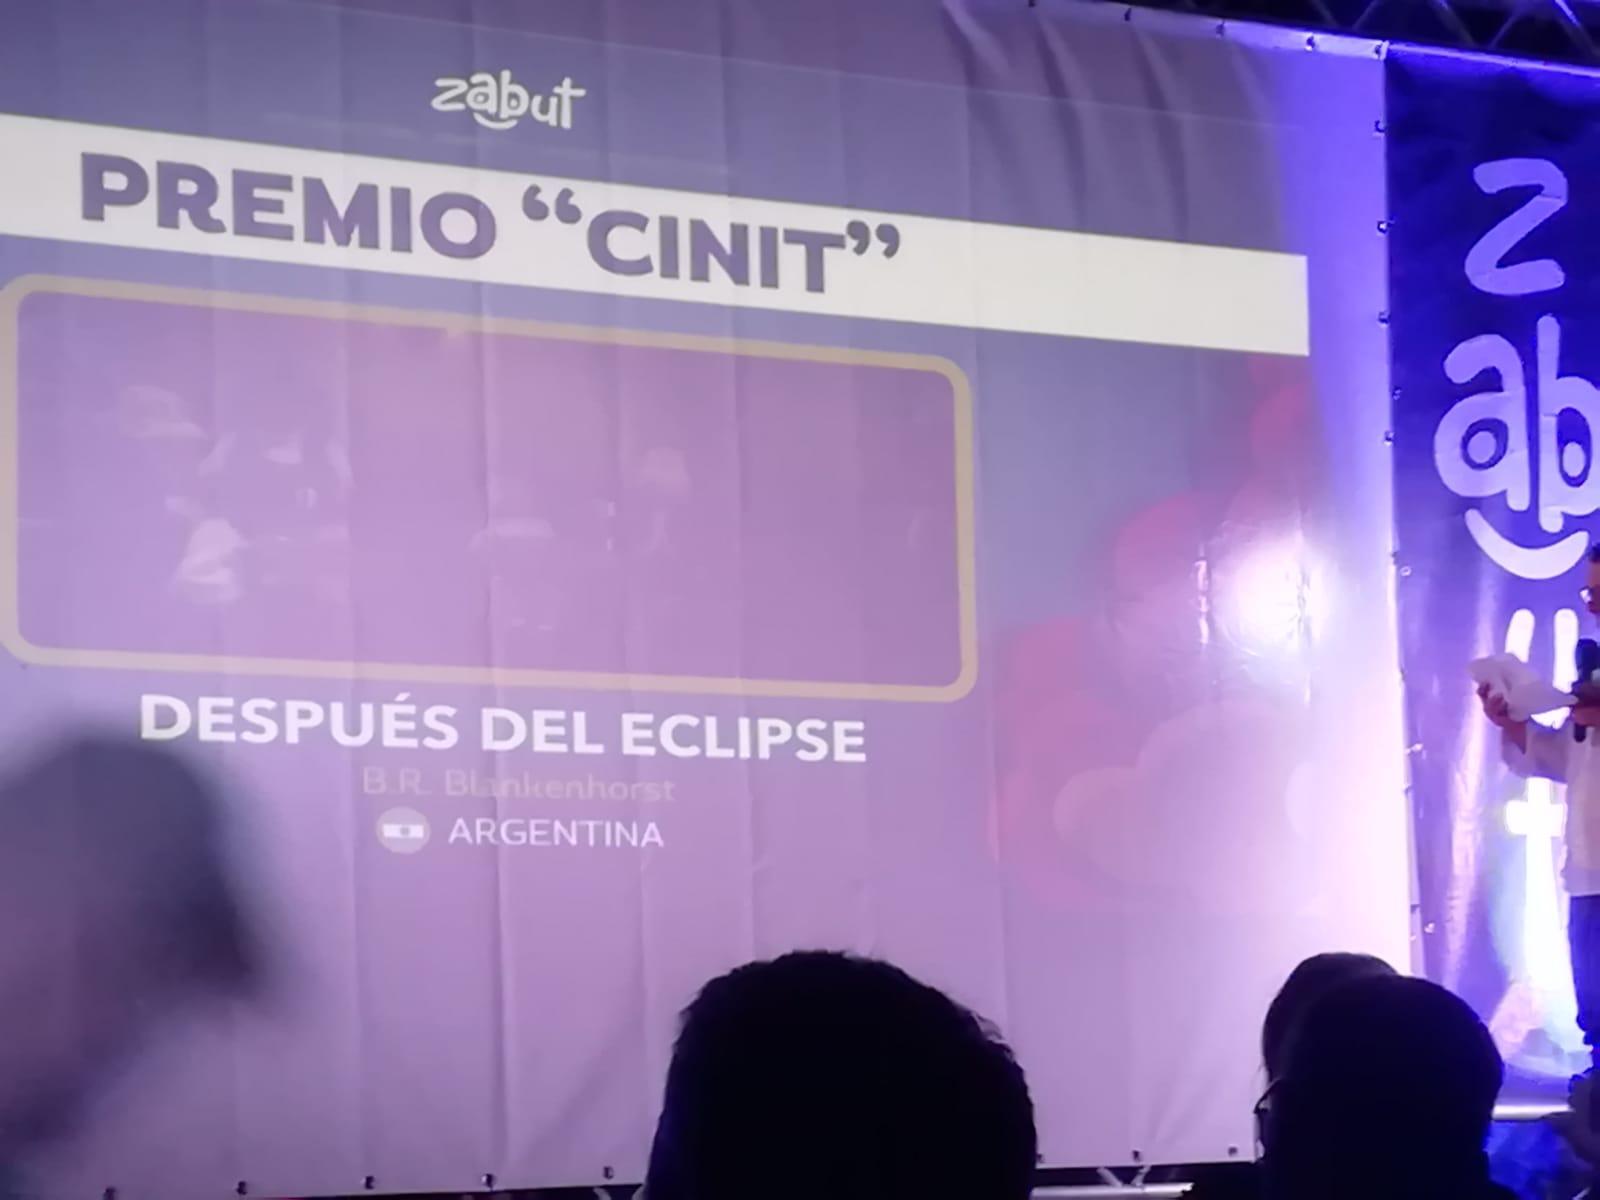 """A """"Despuès del eclipse"""" di B.R. Blankenhorst (Argentina) il Premio Cinit , assegnato nell'ambito della 5aedizione di ZABUT – International Animated Short-film Festival"""